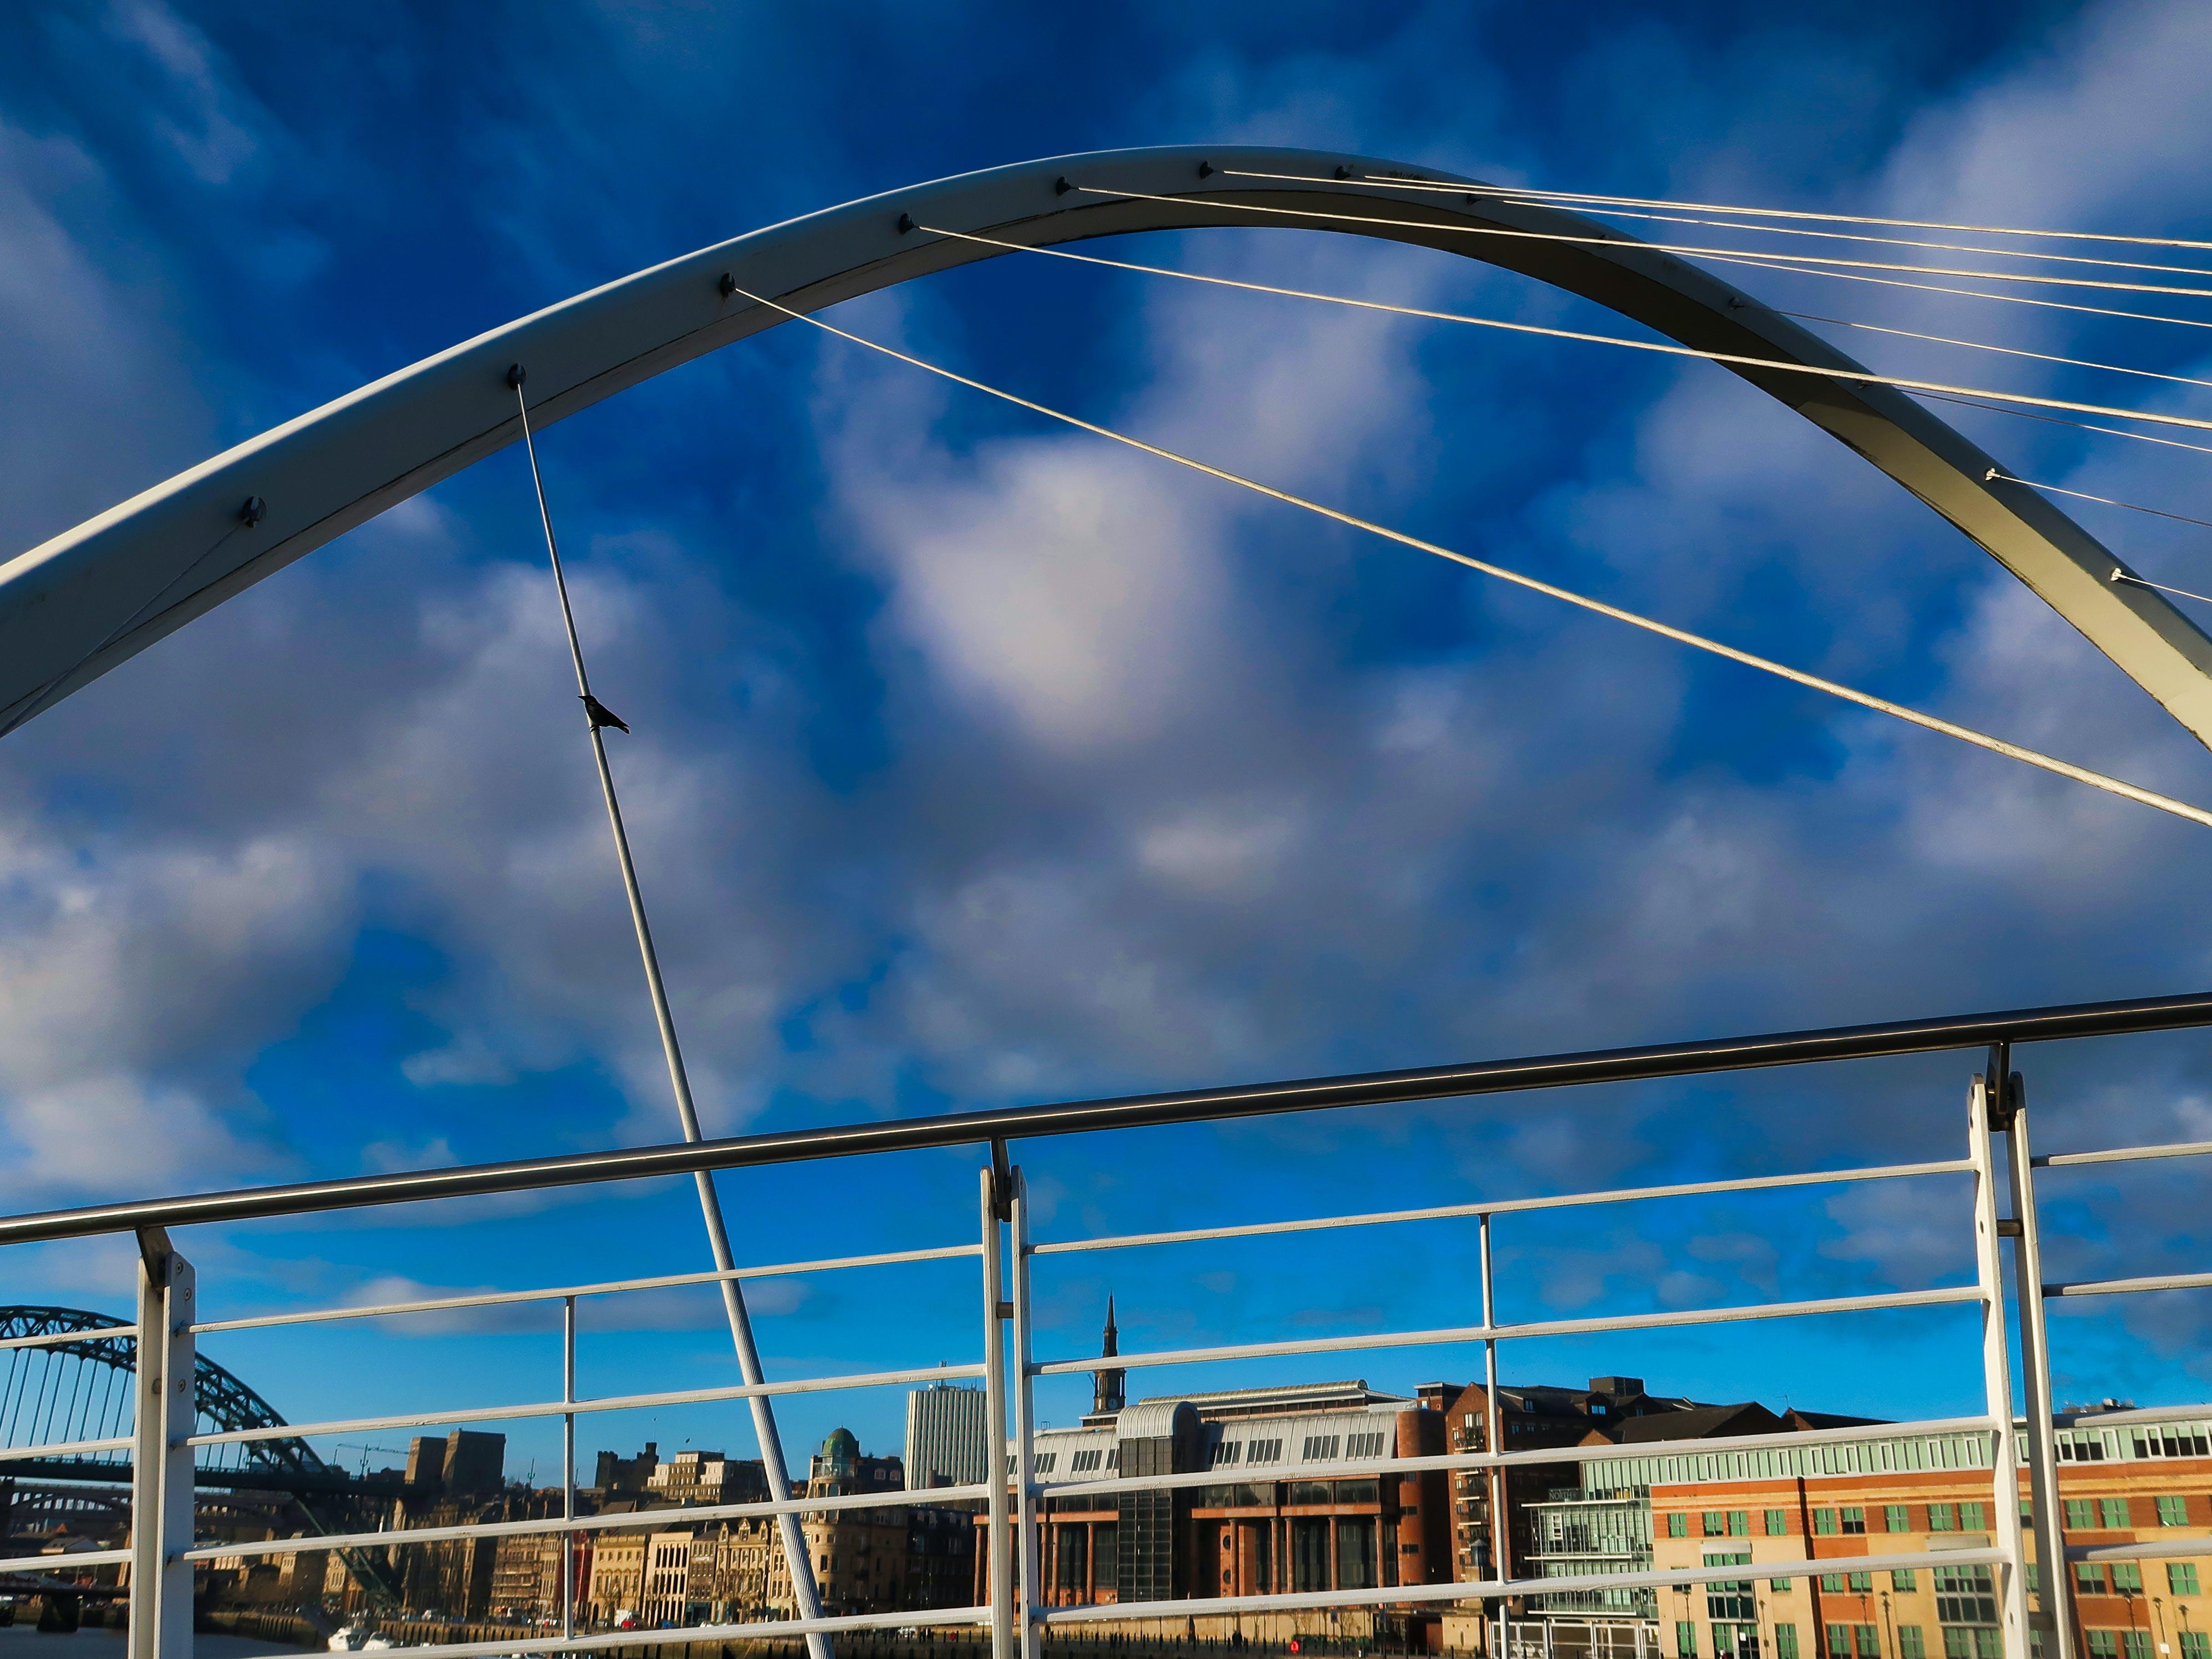 arch bridge, architect, architectural